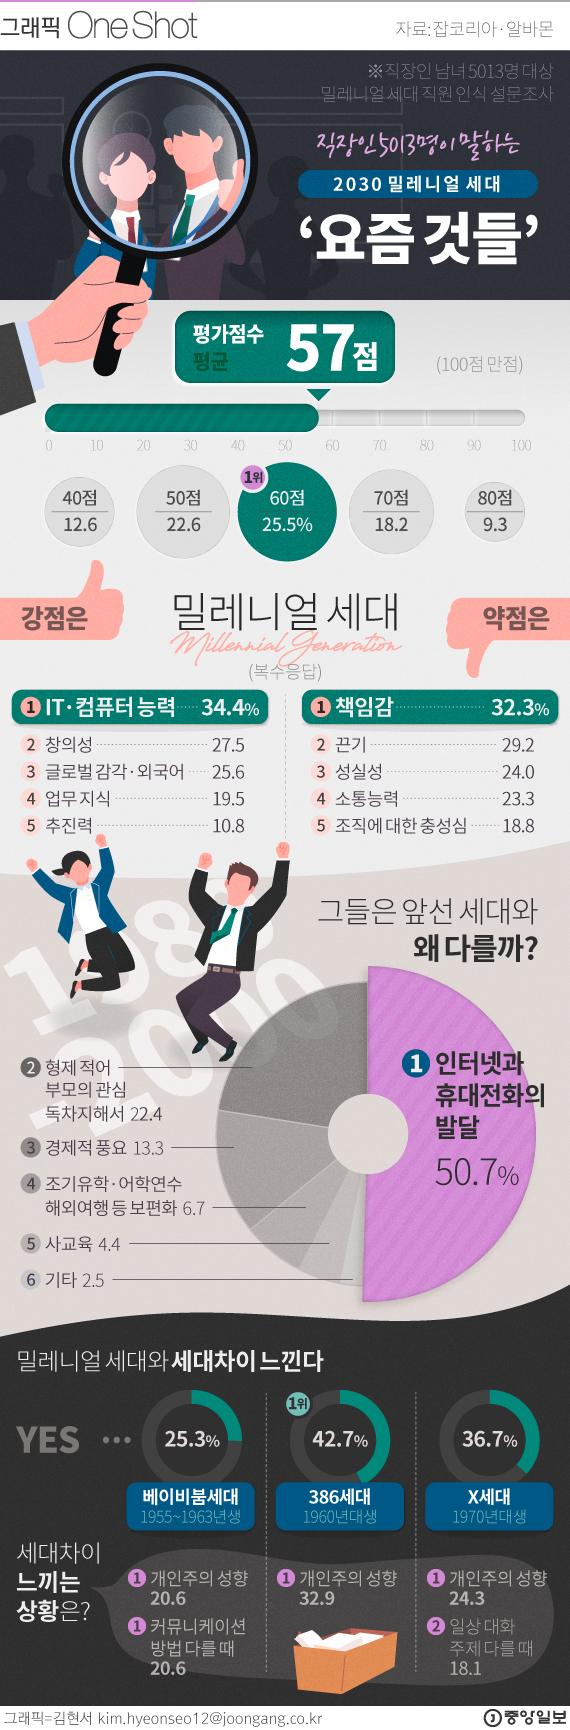 밀레니얼 세대 직장인에 대한 생각은. 그래픽=김현서 Kim.hyeonseo12@joongang.co.kr